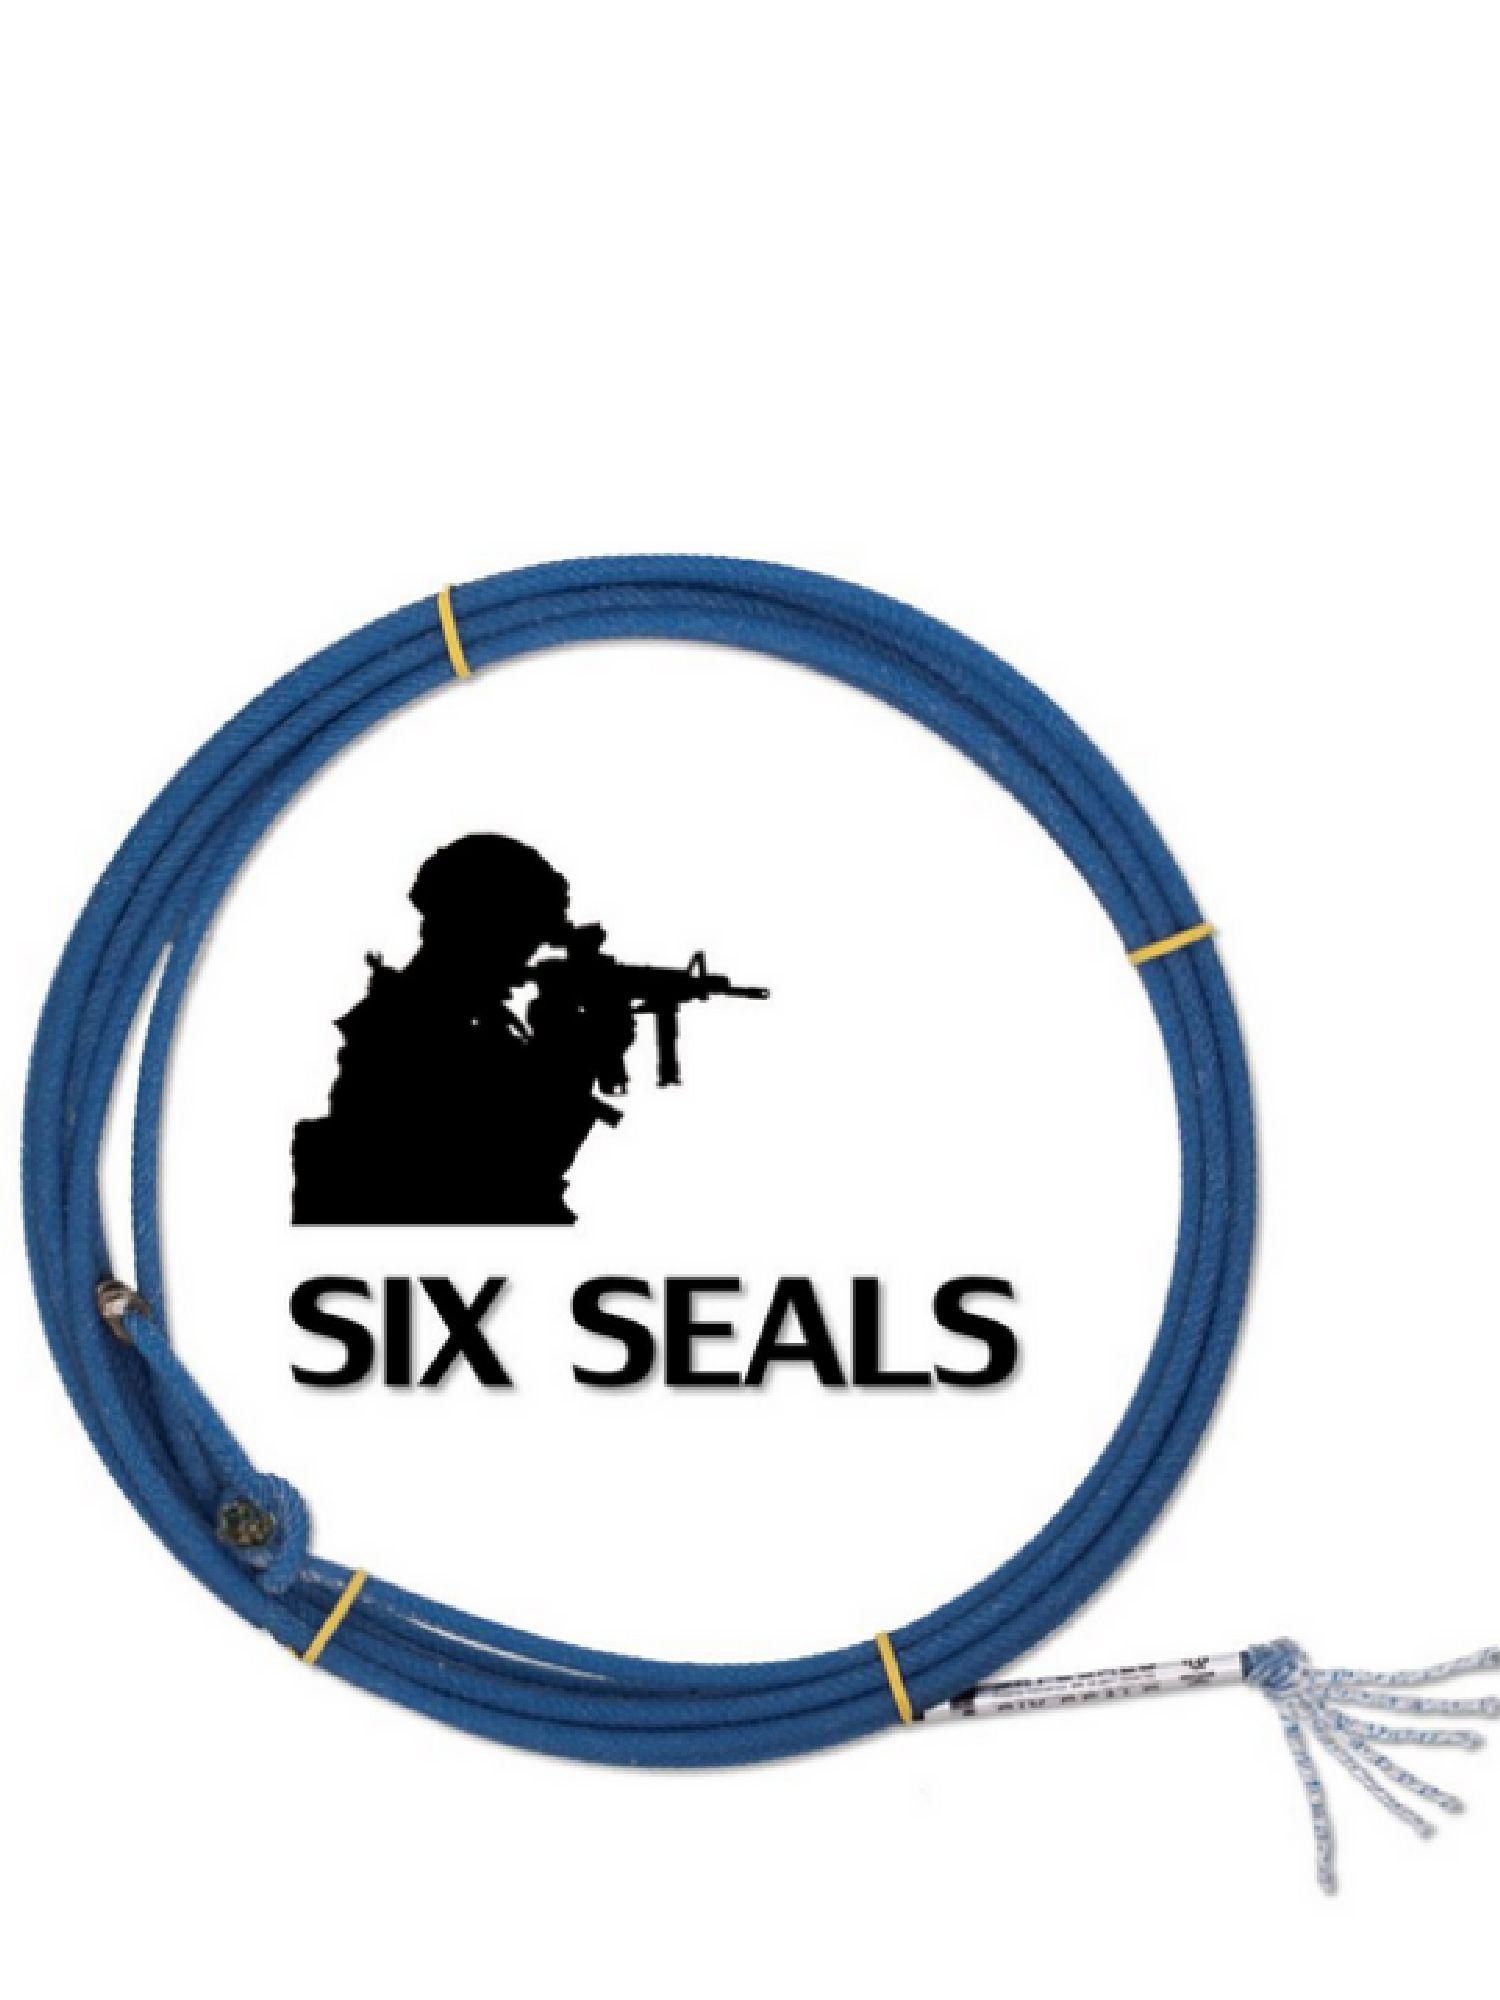 Laco Team Roping Six Seals 6 Tentos Cab. MS: 31